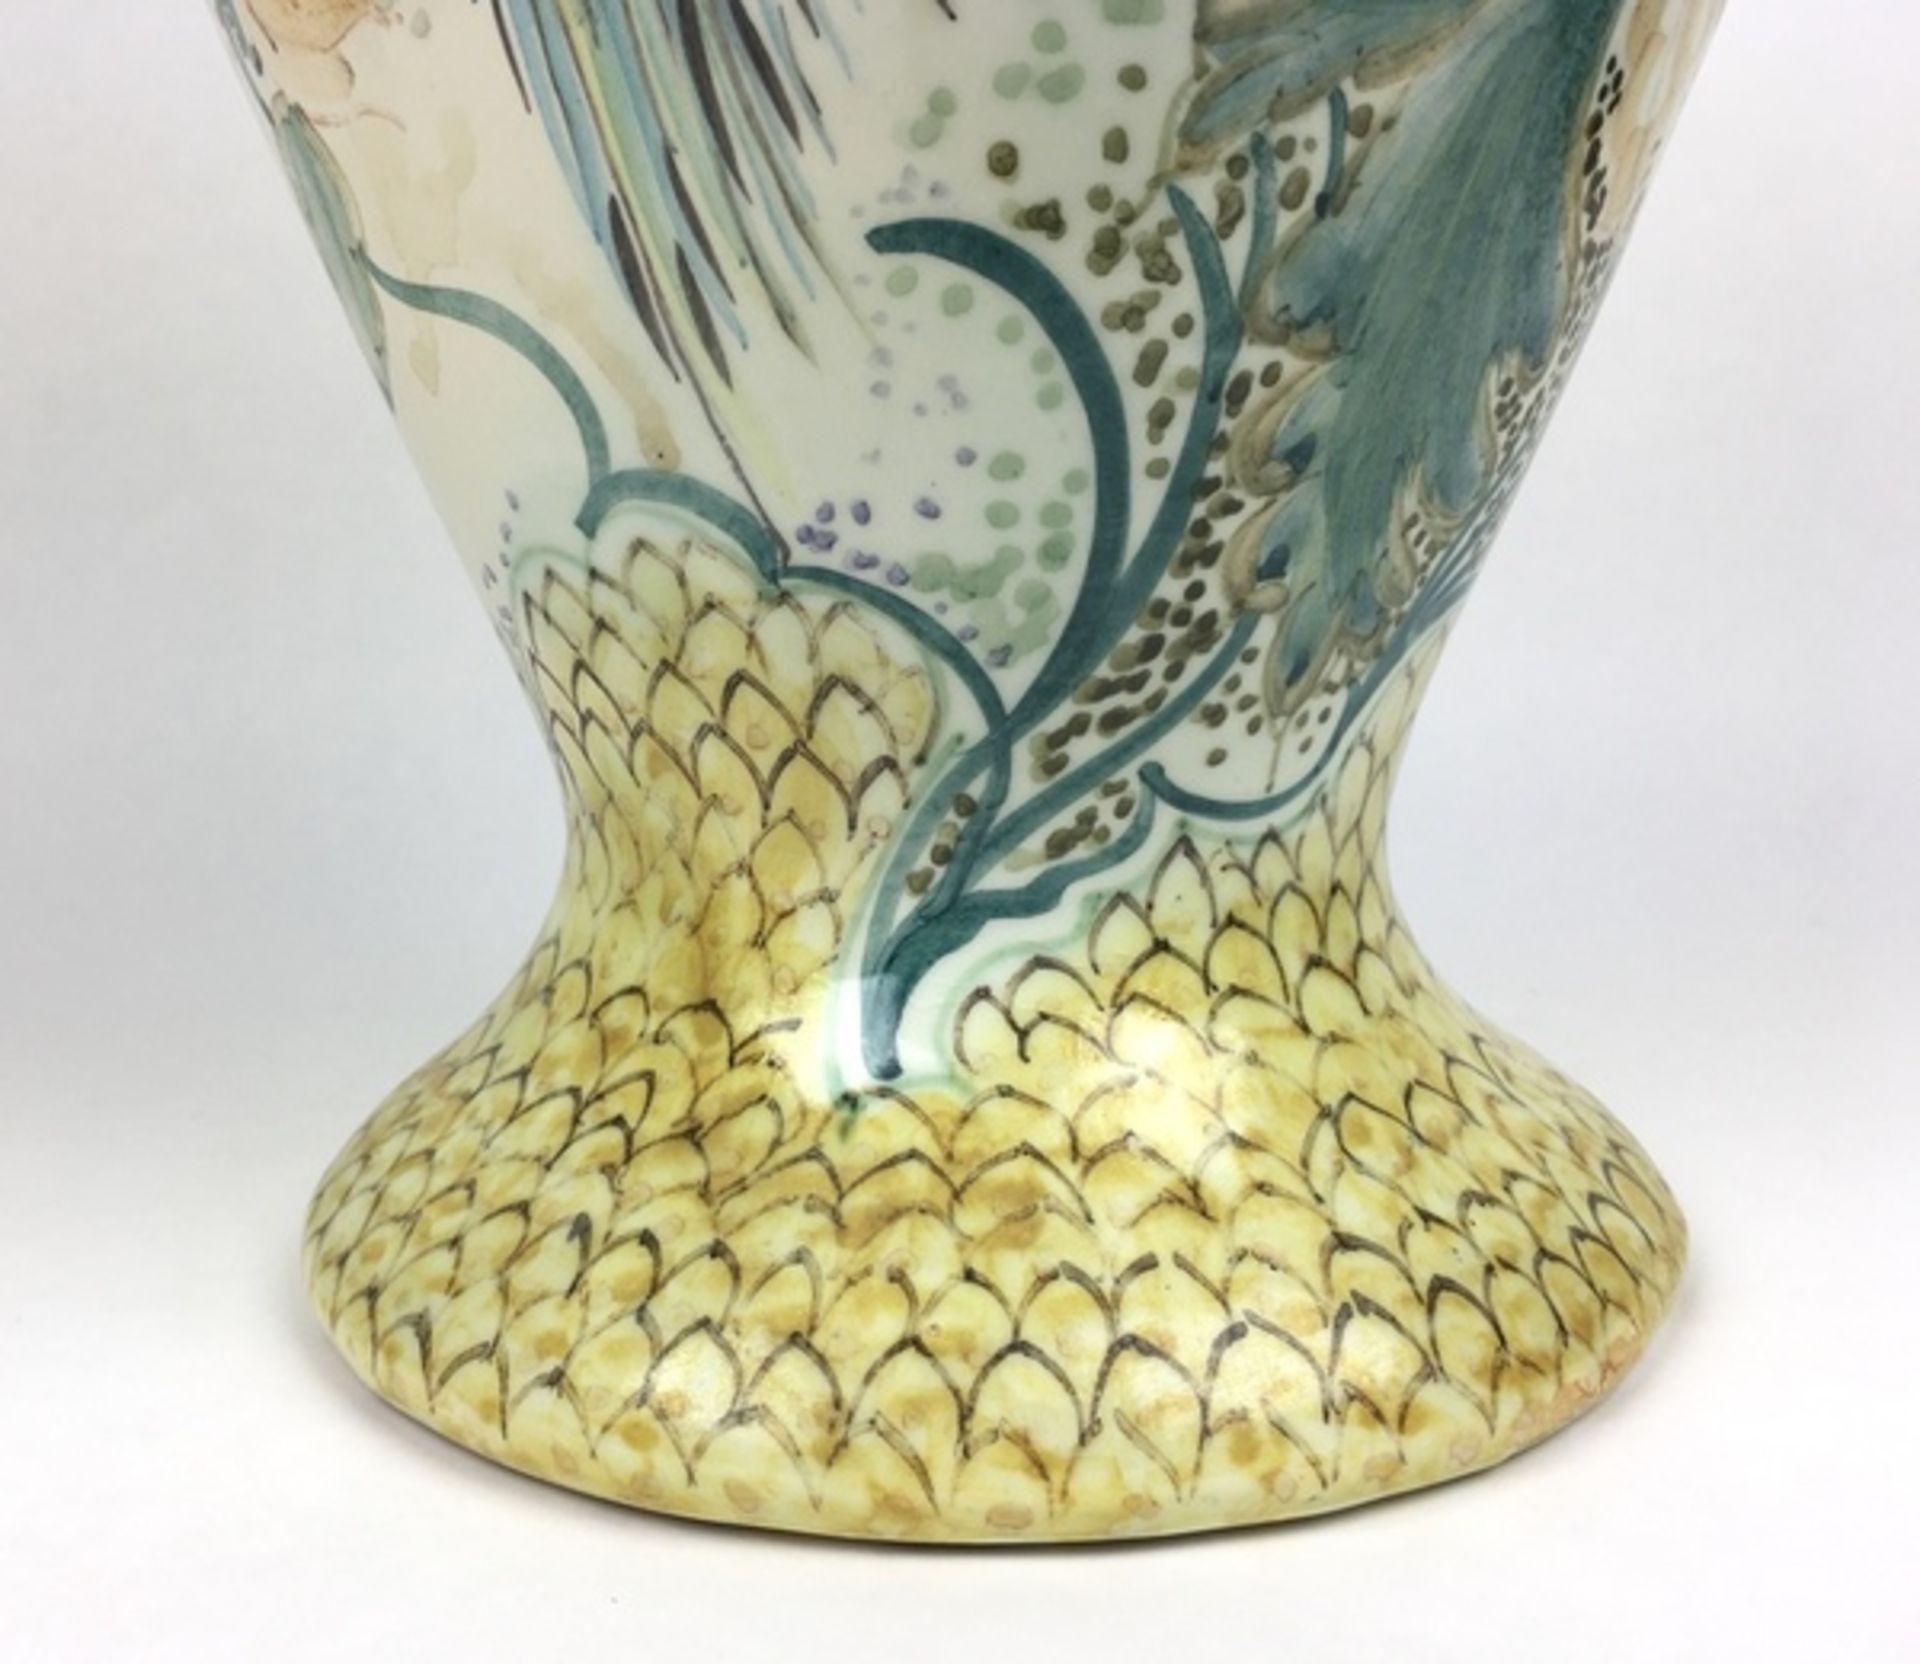 (Toegepaste Kunst) Plateel vaas, Gouda HollandPolychroom gedecoreerde vaas. Gemerkt Gouda Holla - Image 6 of 9